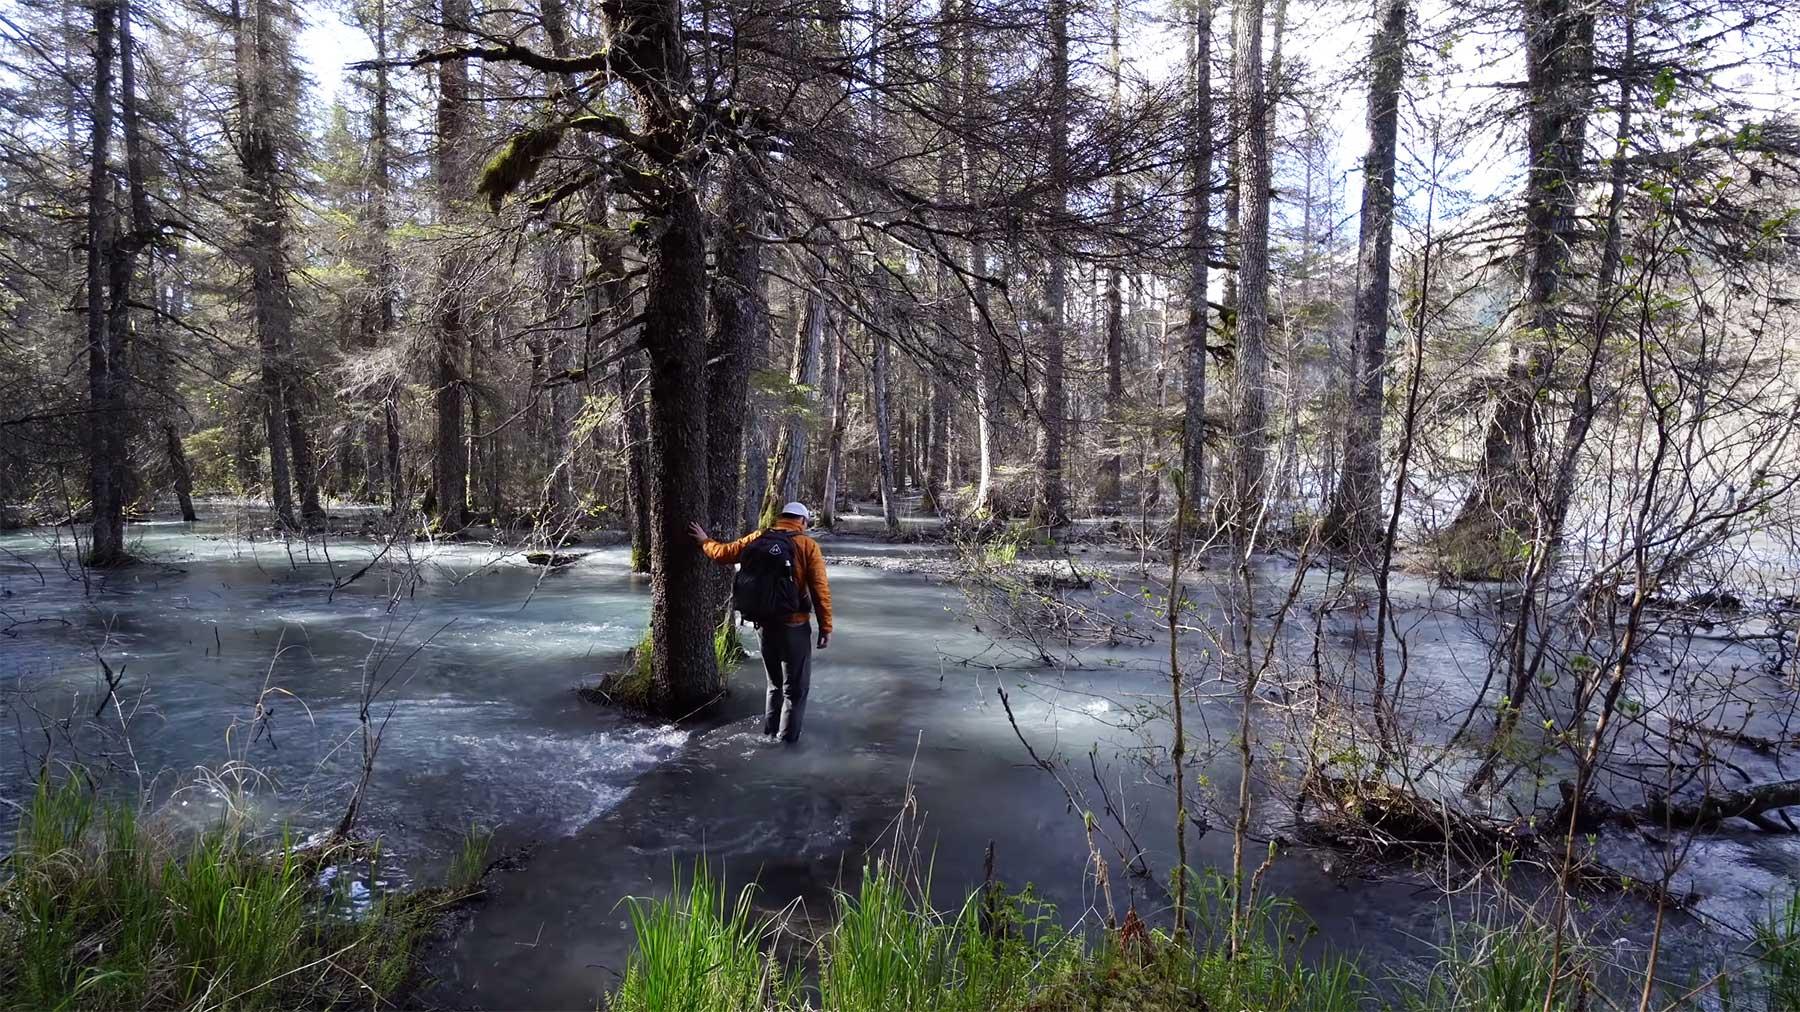 100 Meilen alleine durch Alaska wandern